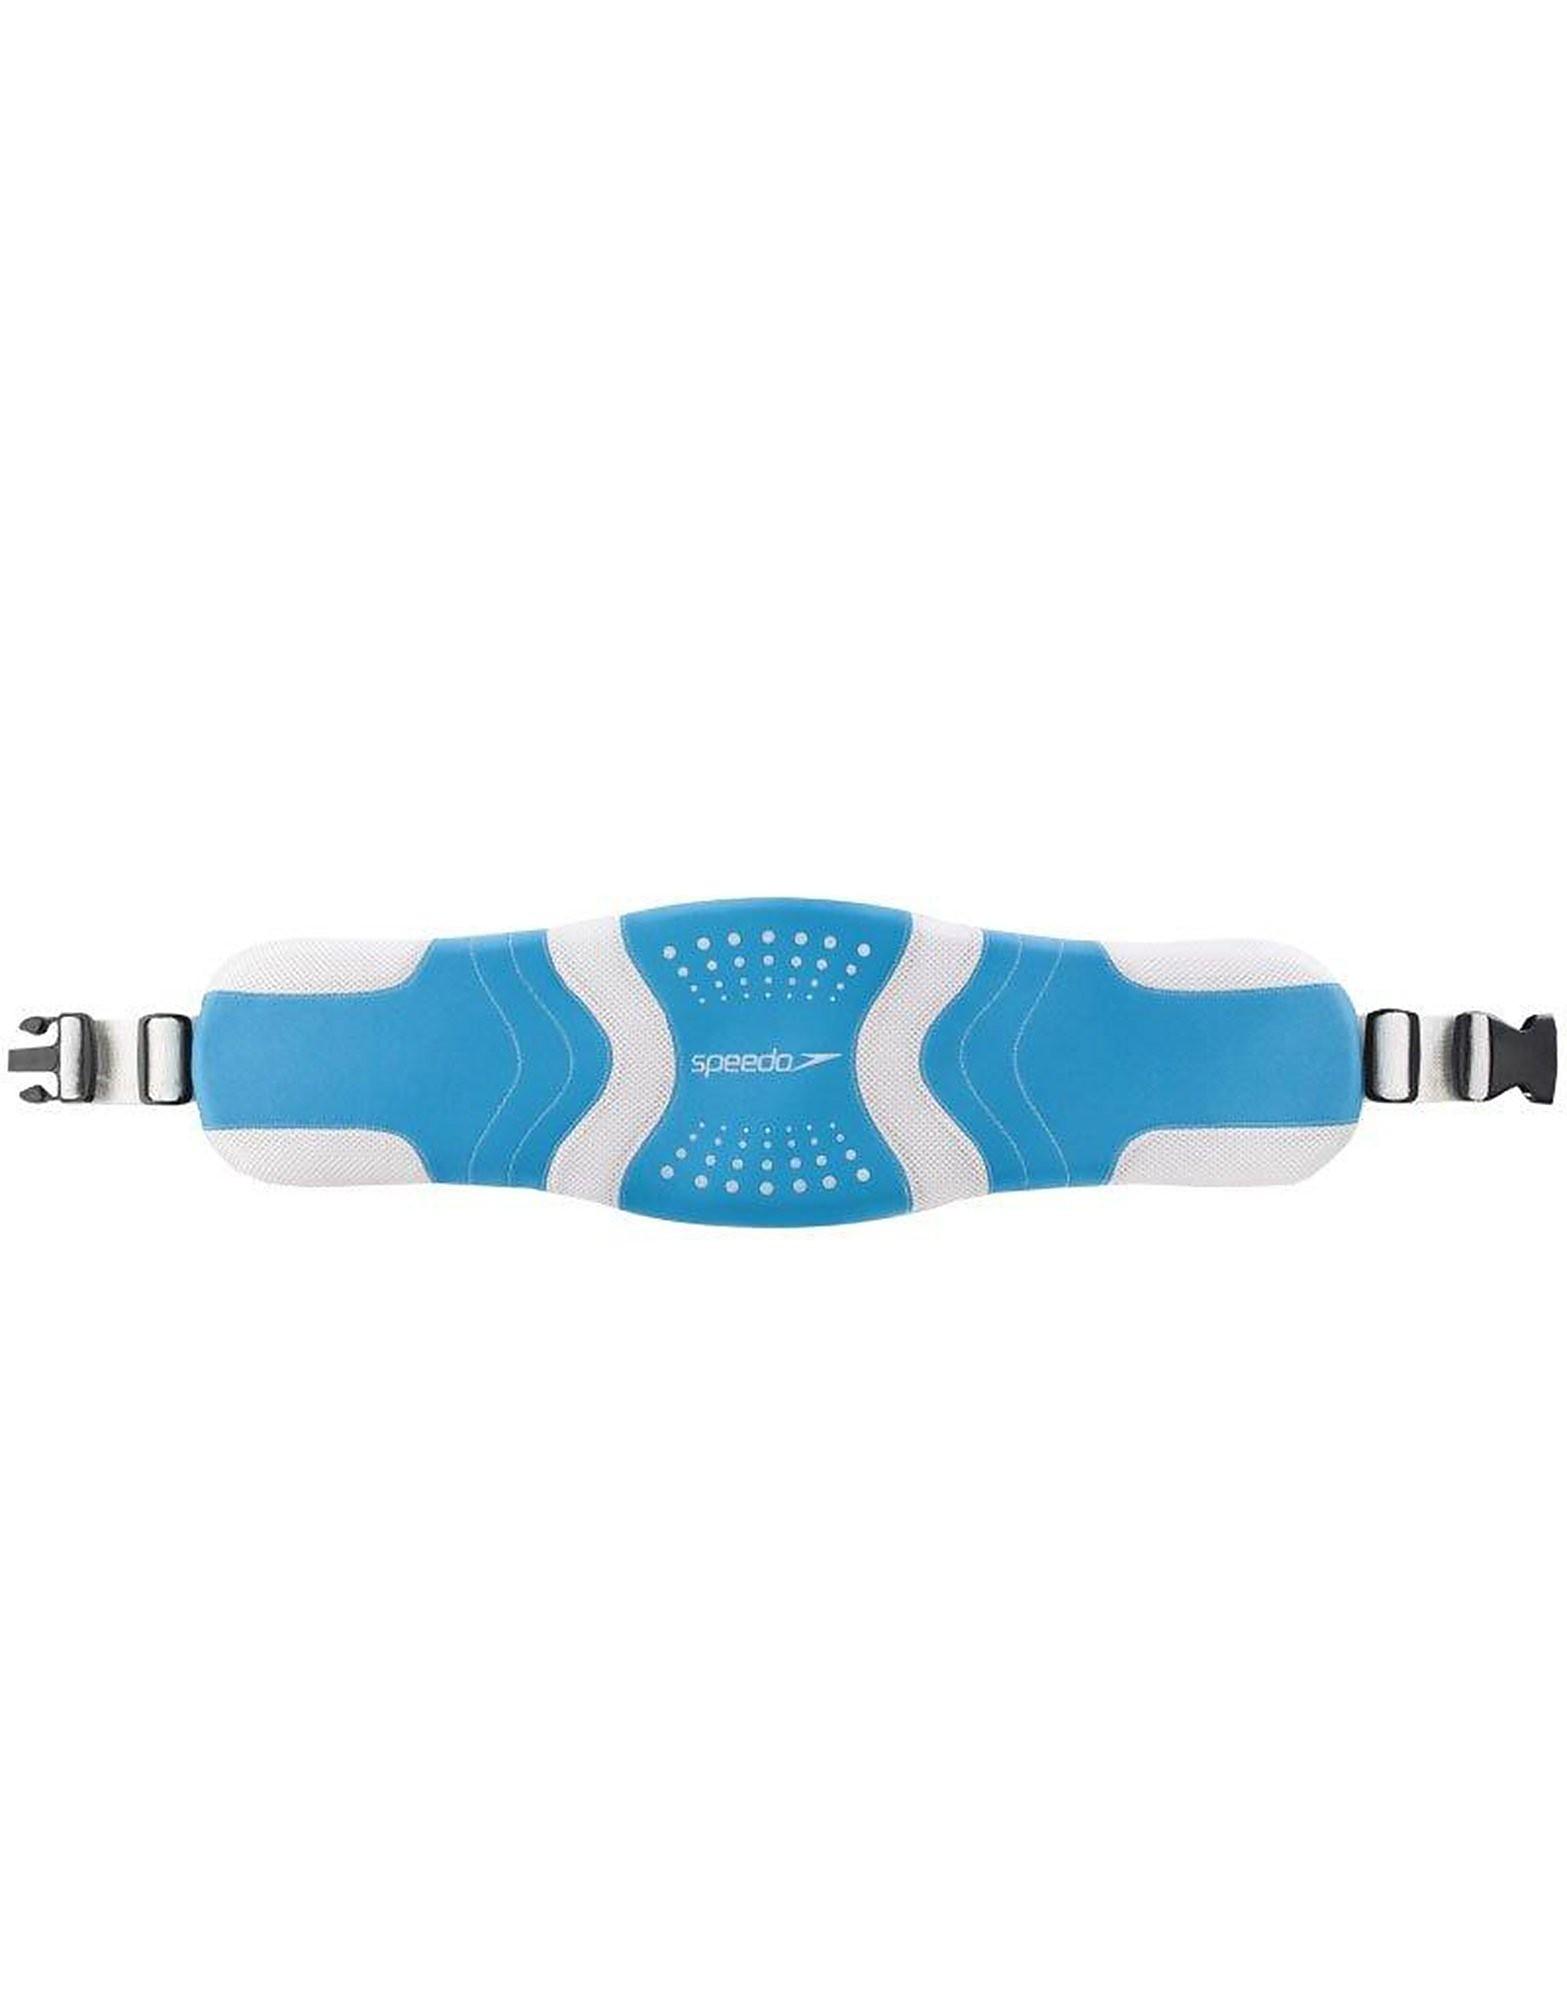 Speedo Hydro Belt